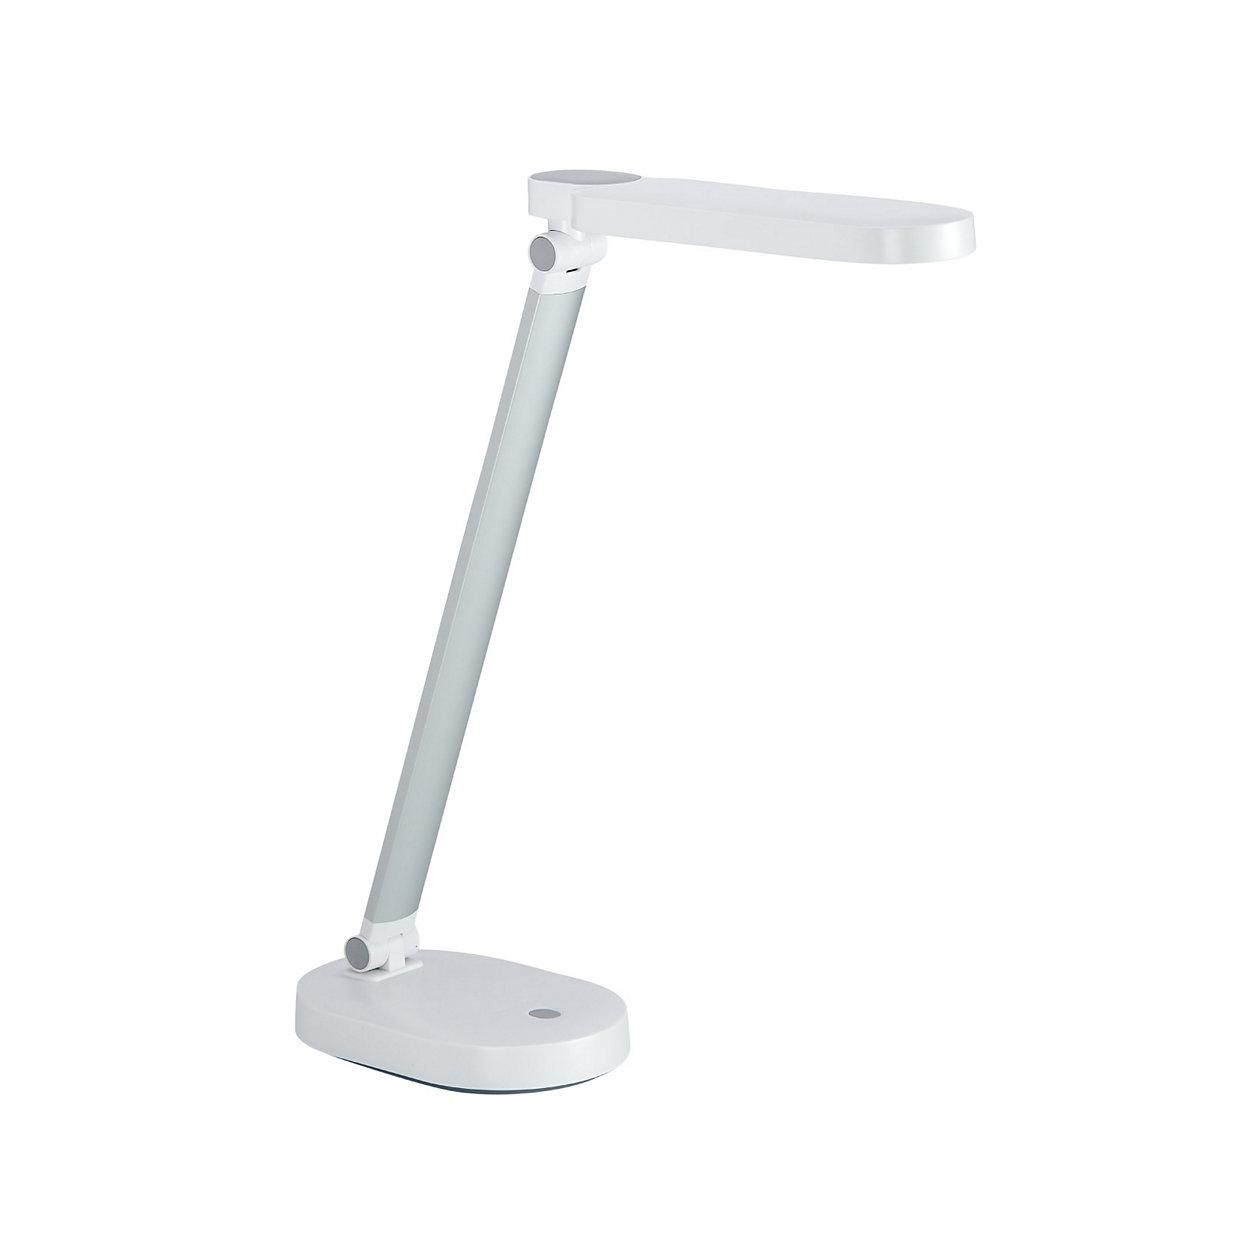 可靠的桌面照明带来更多便利